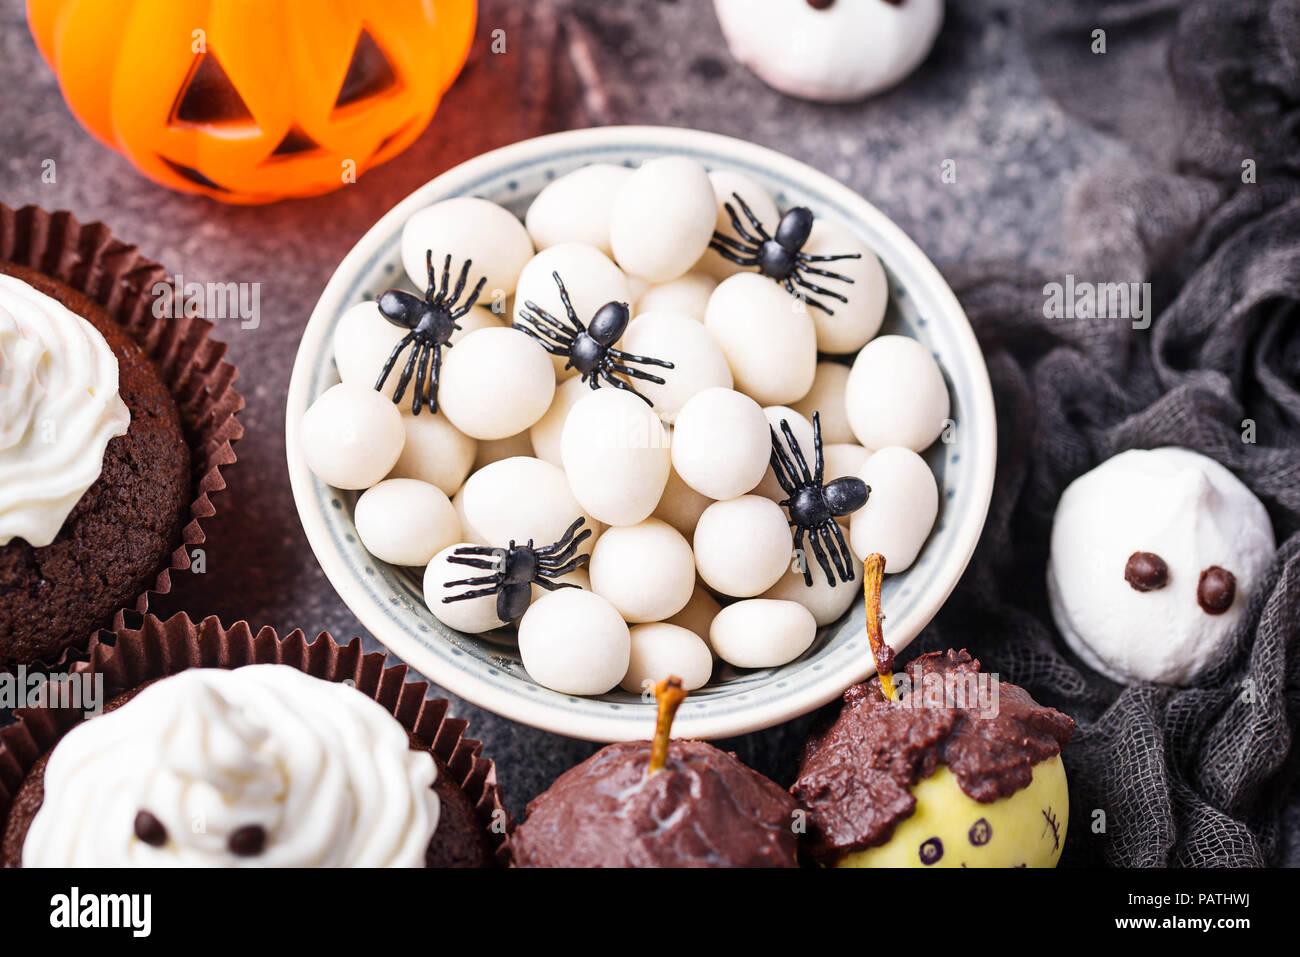 Les œufs Daraignée Halloween Créatif Banque Dimages Photo Stock